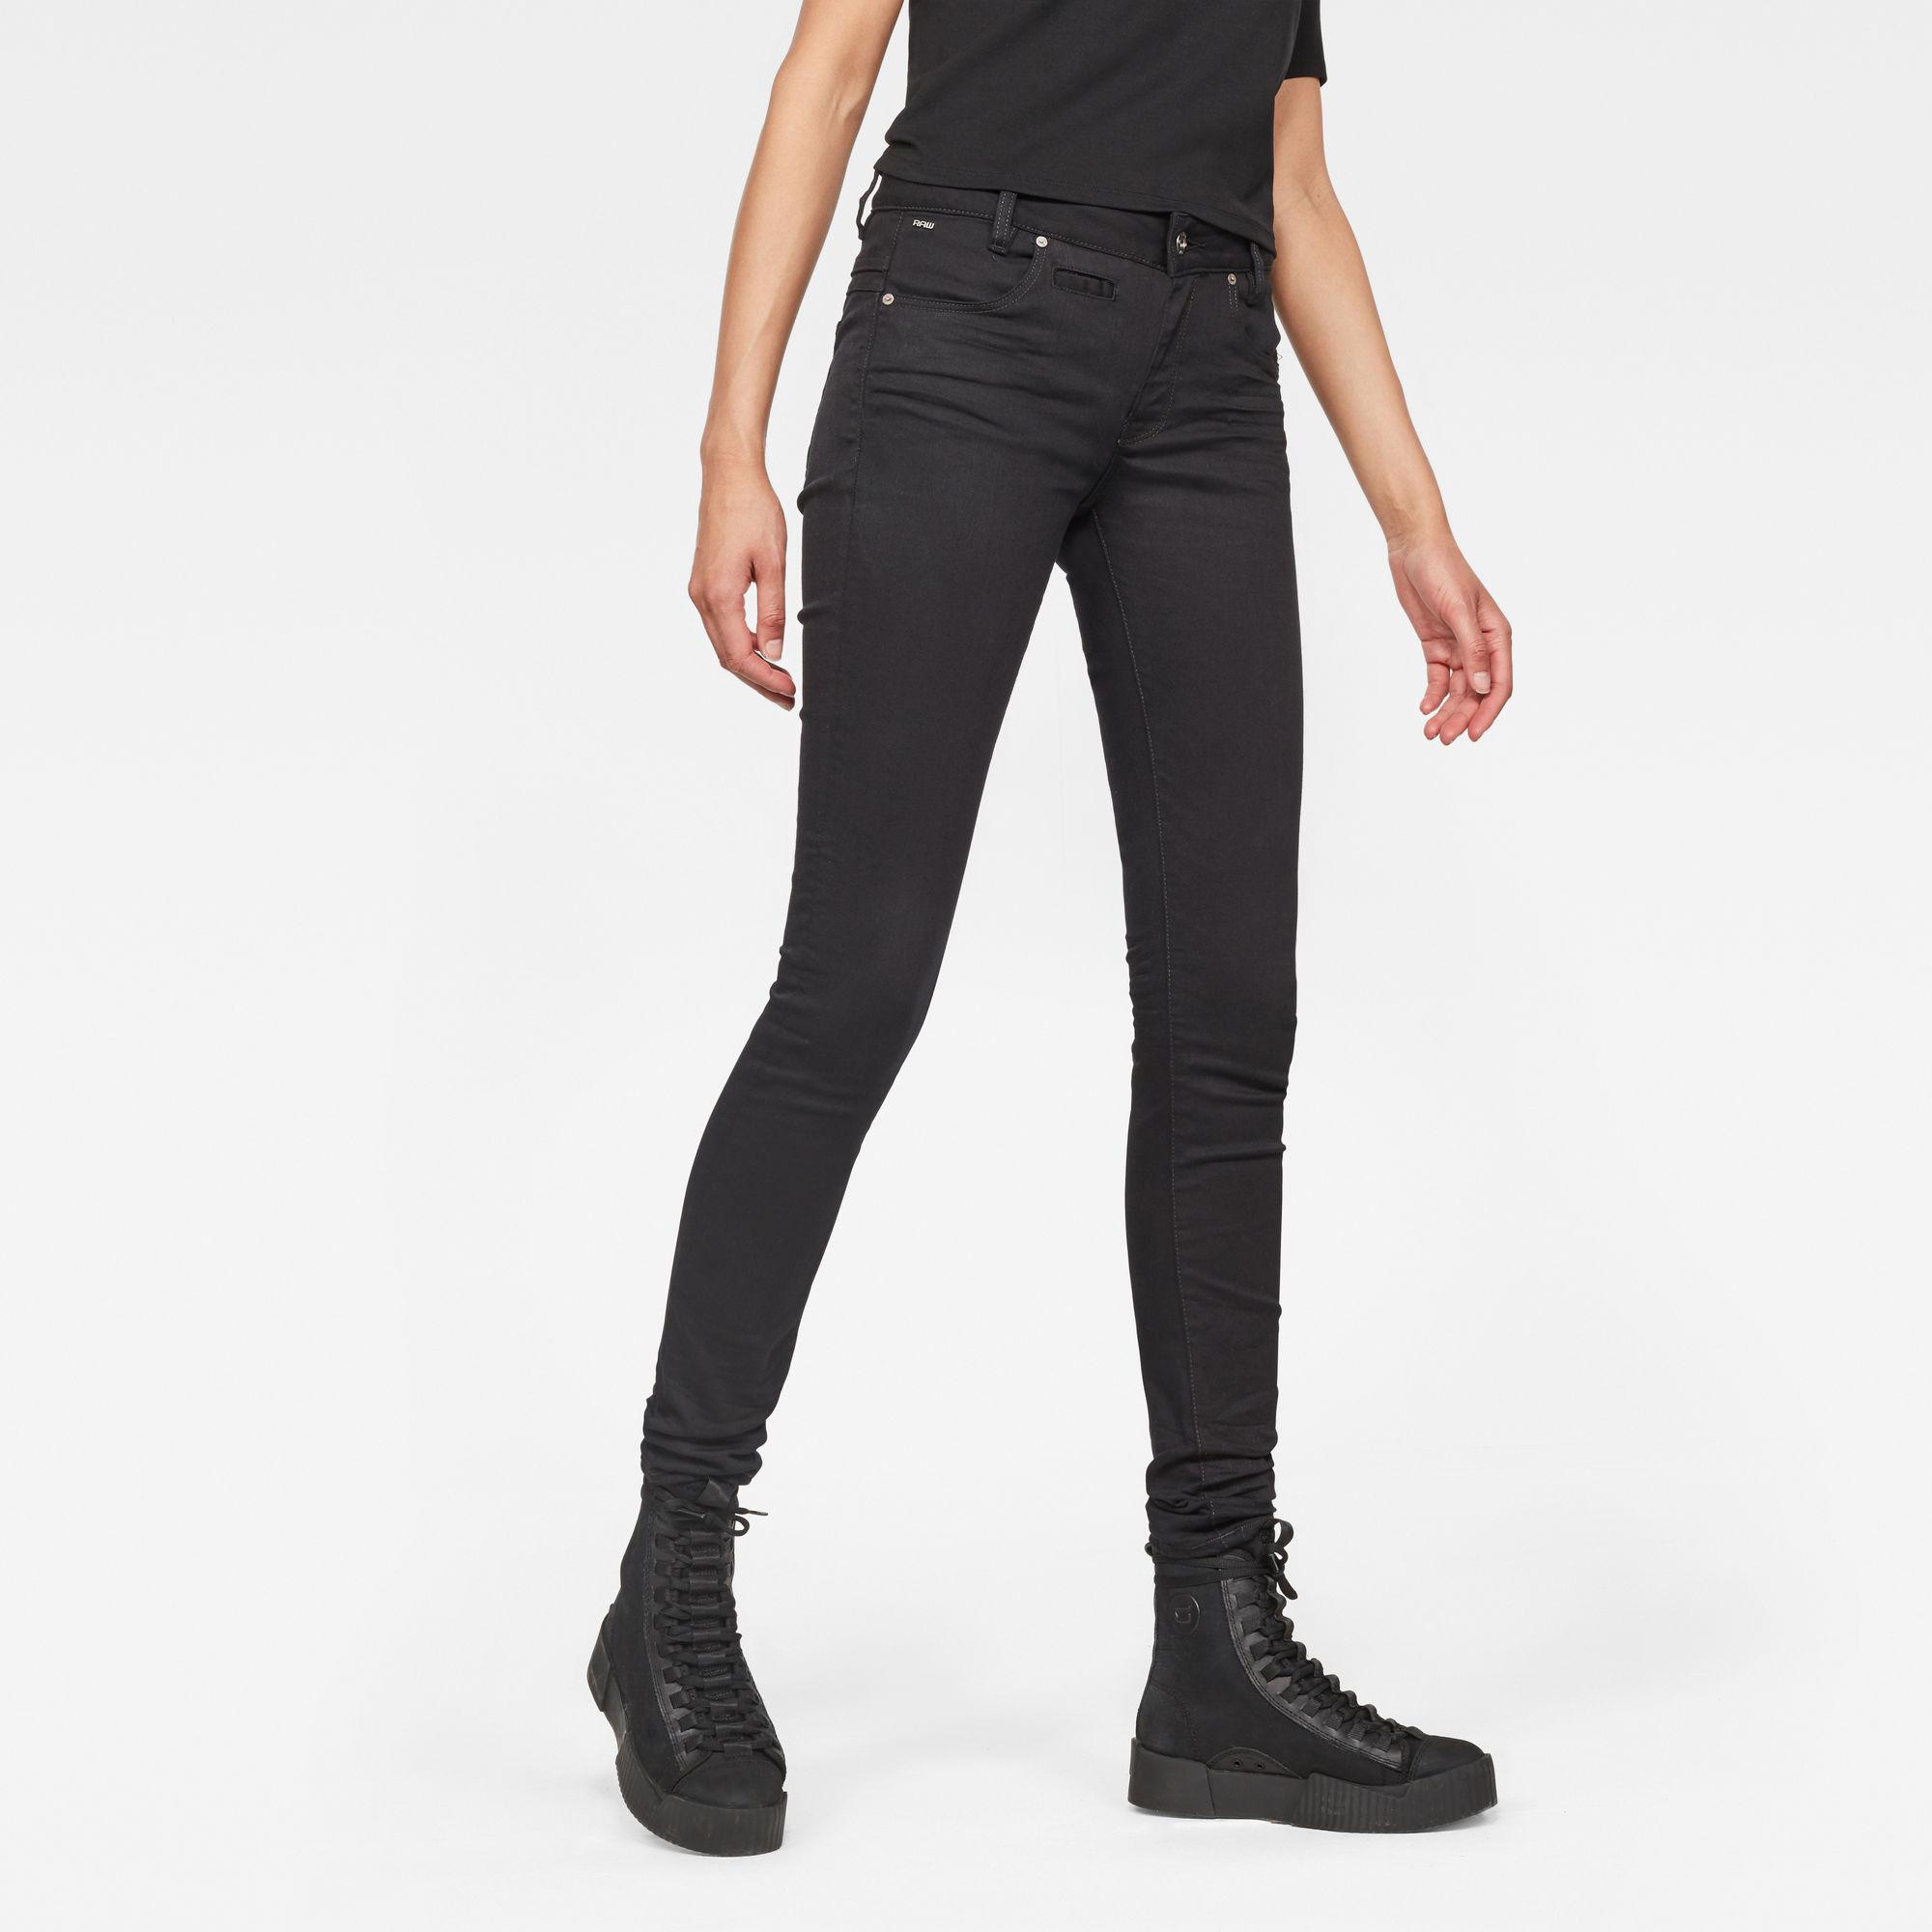 Image of G Star Raw D-Staq 5-Pocket Mid-Waist Skinny Jeans